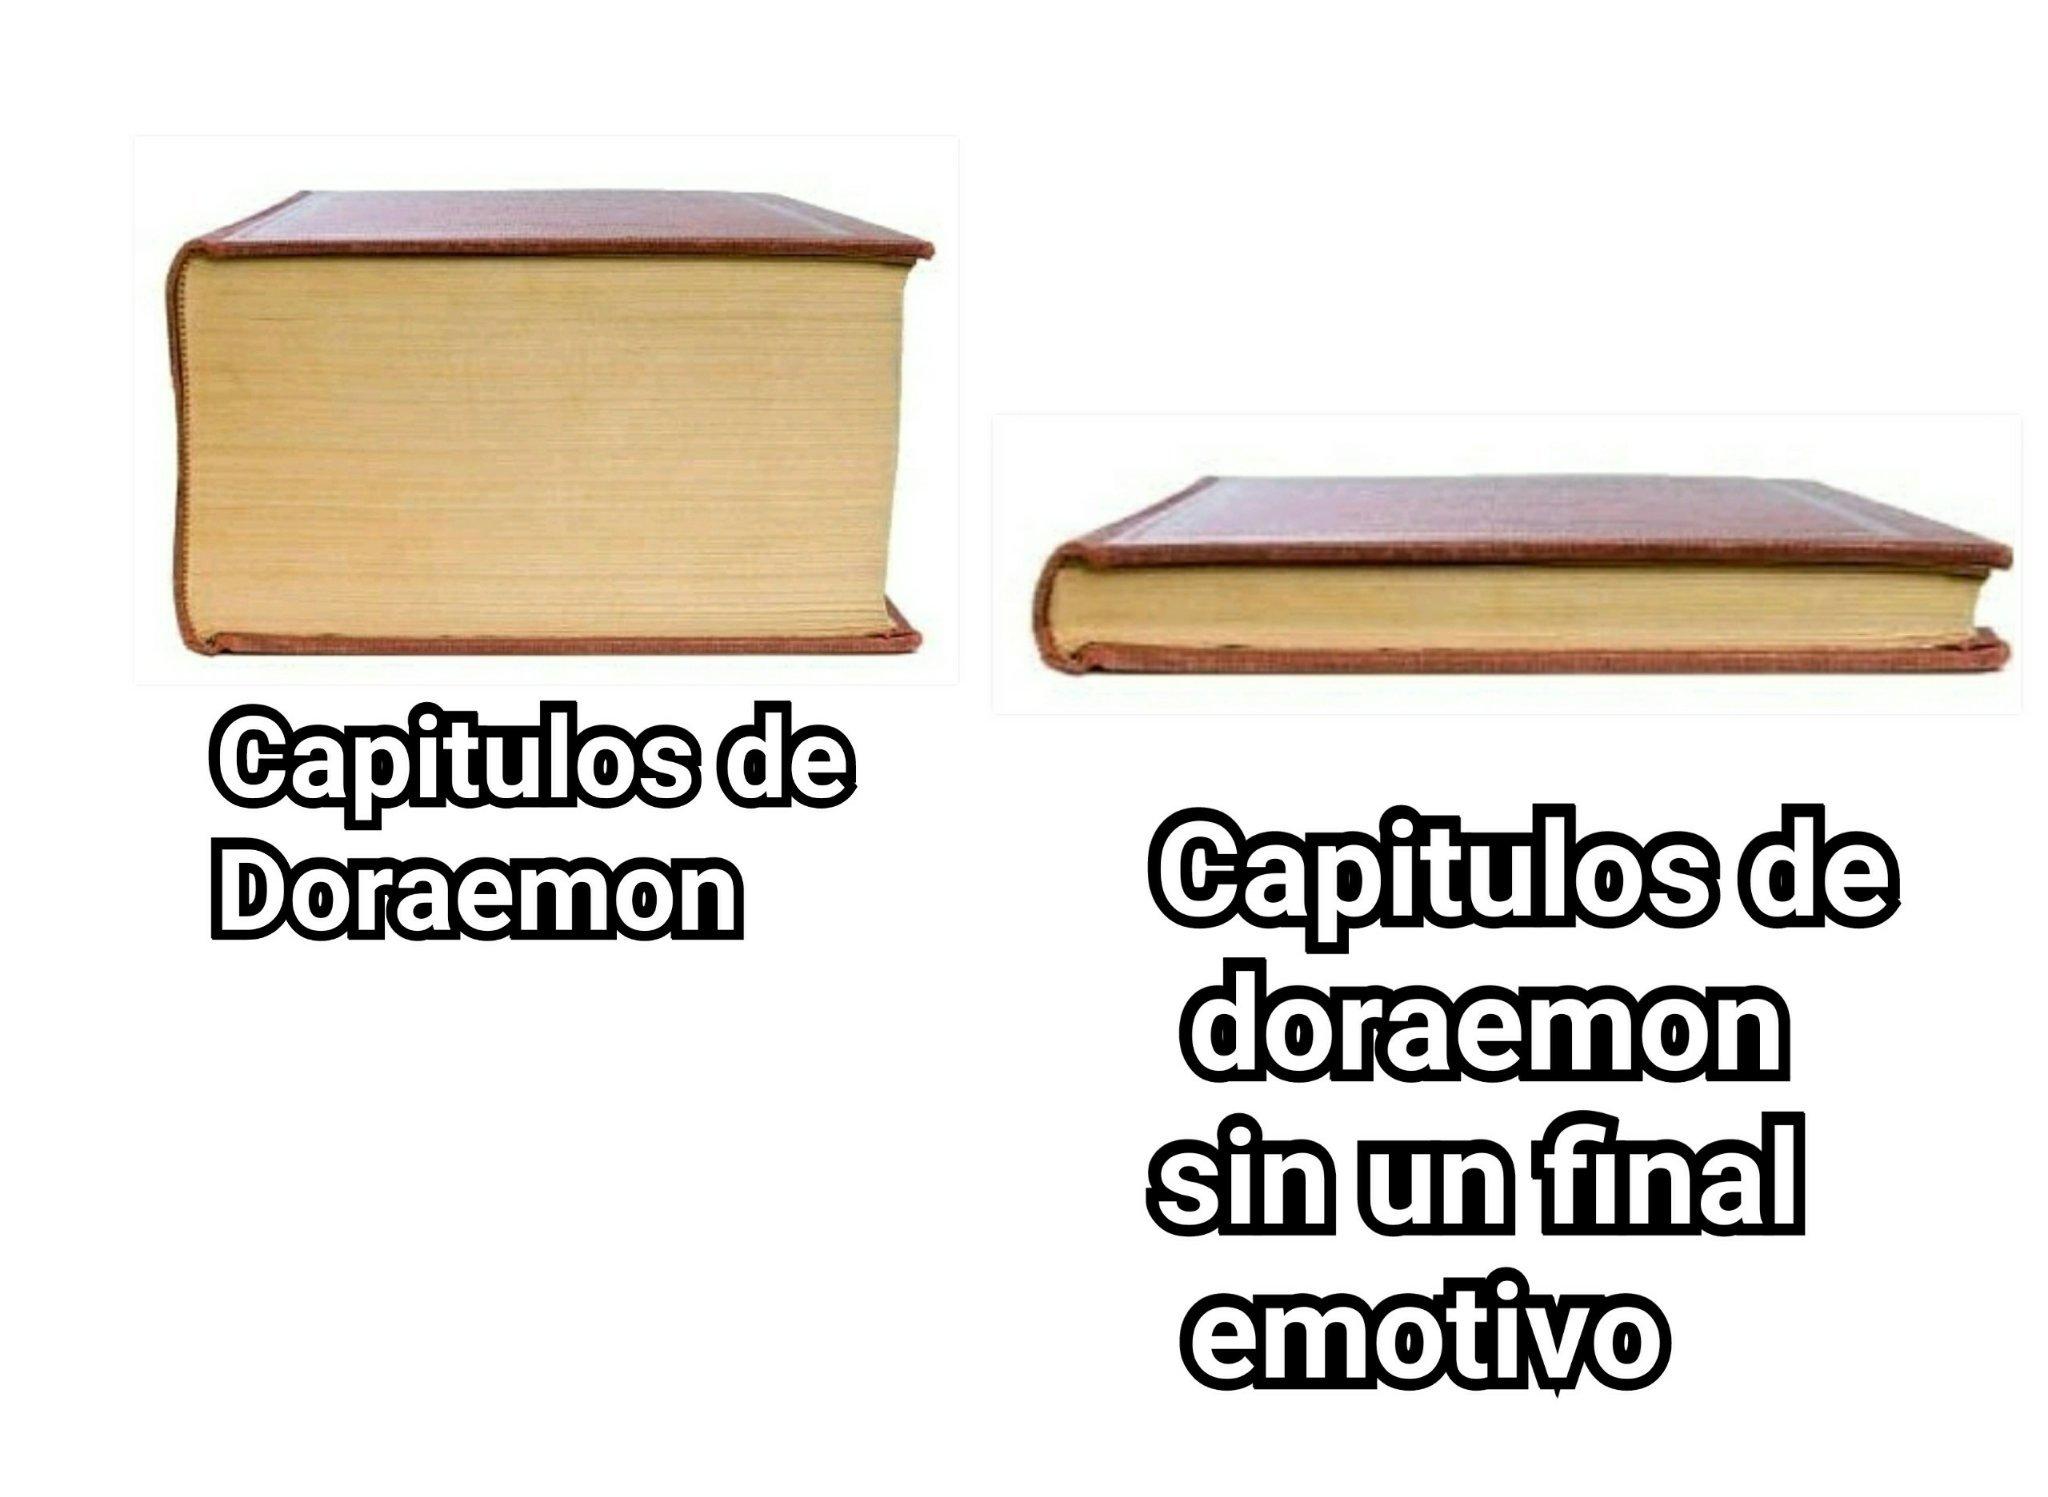 Lloro - meme